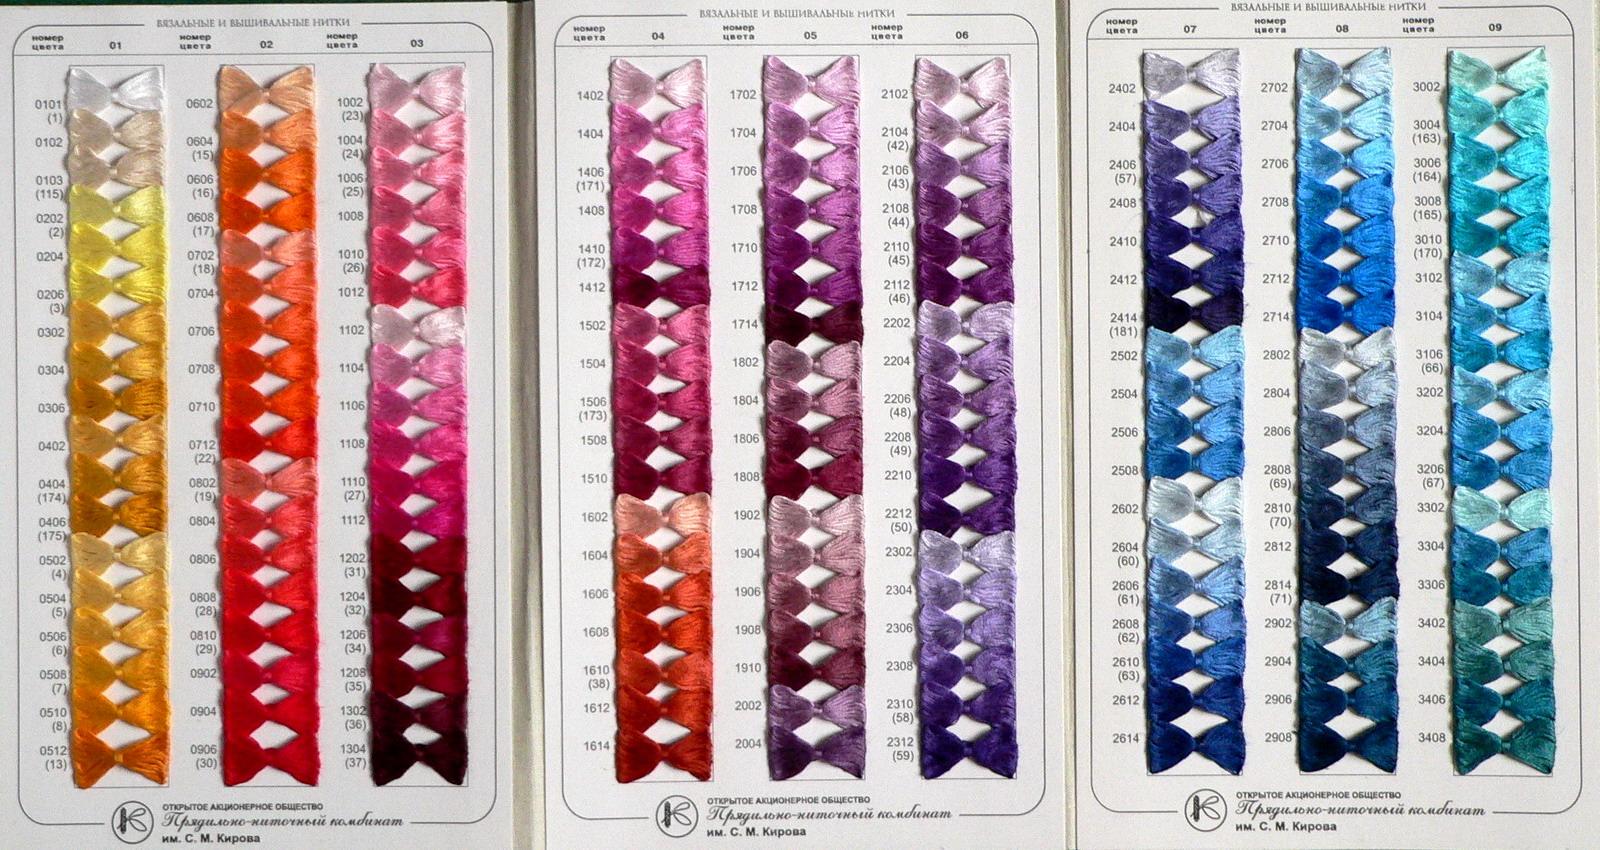 Вышивка нитками кирова схемы